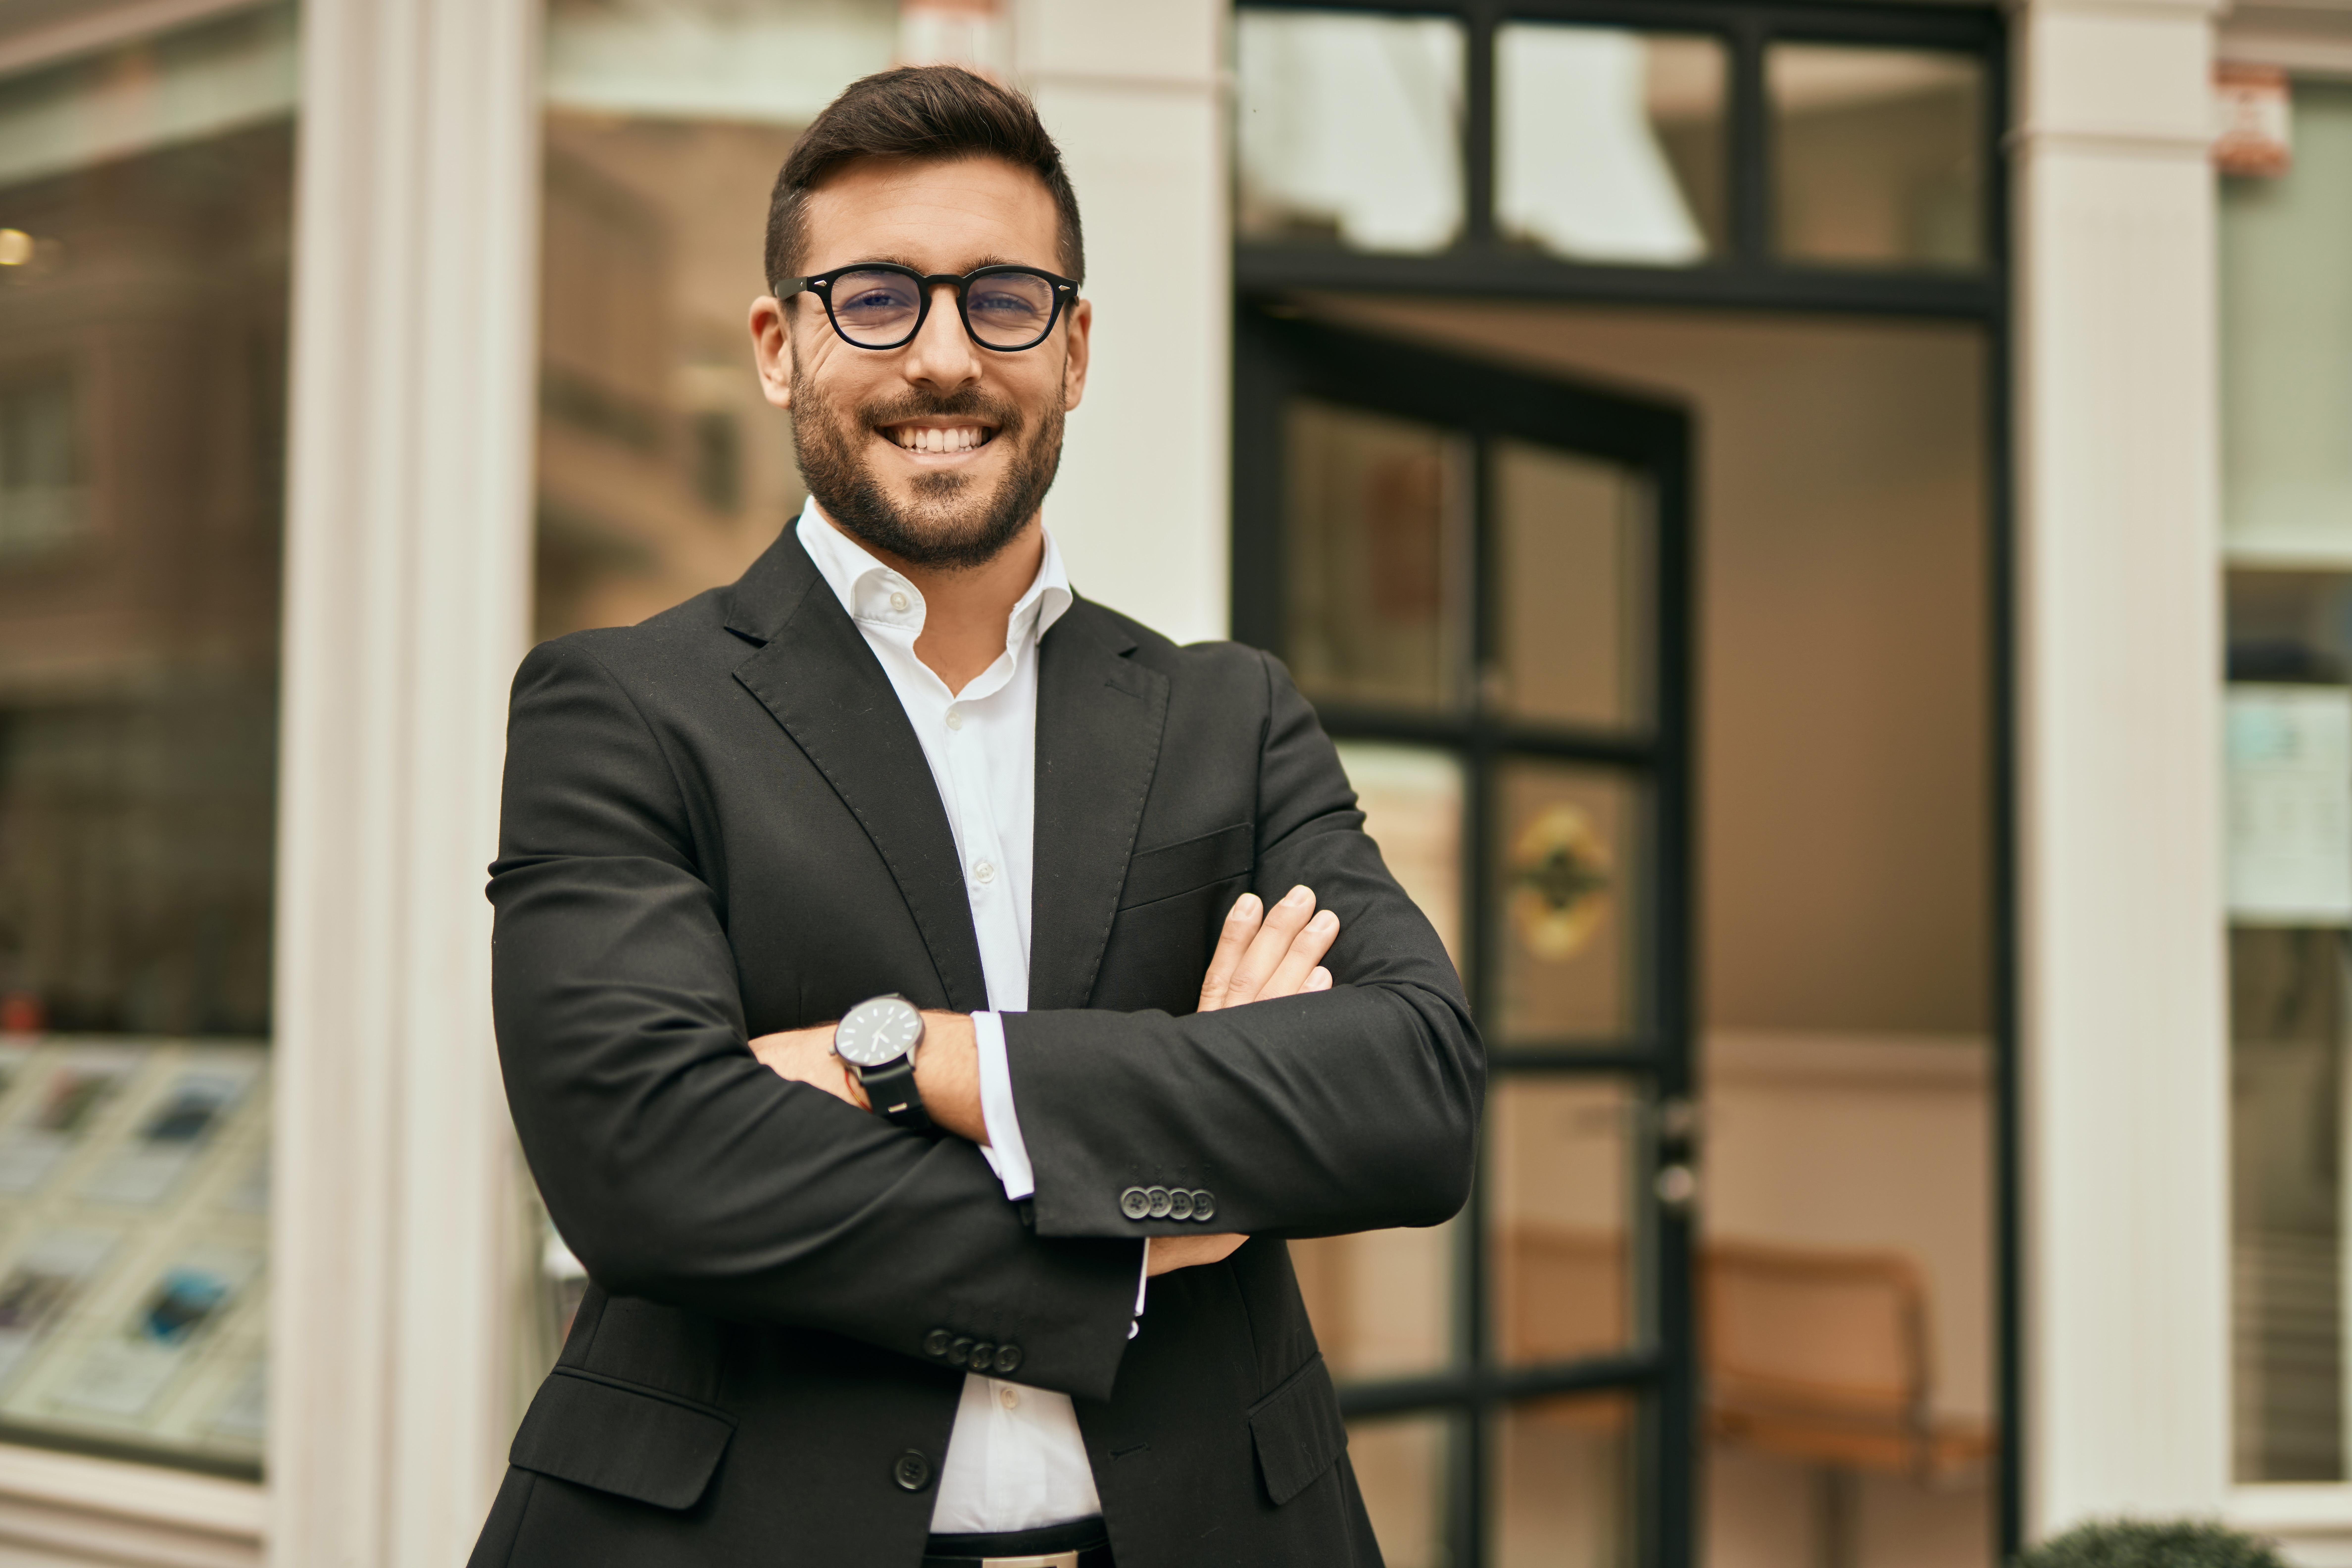 Бизнесмен, который может переехать в Италию через бизнес